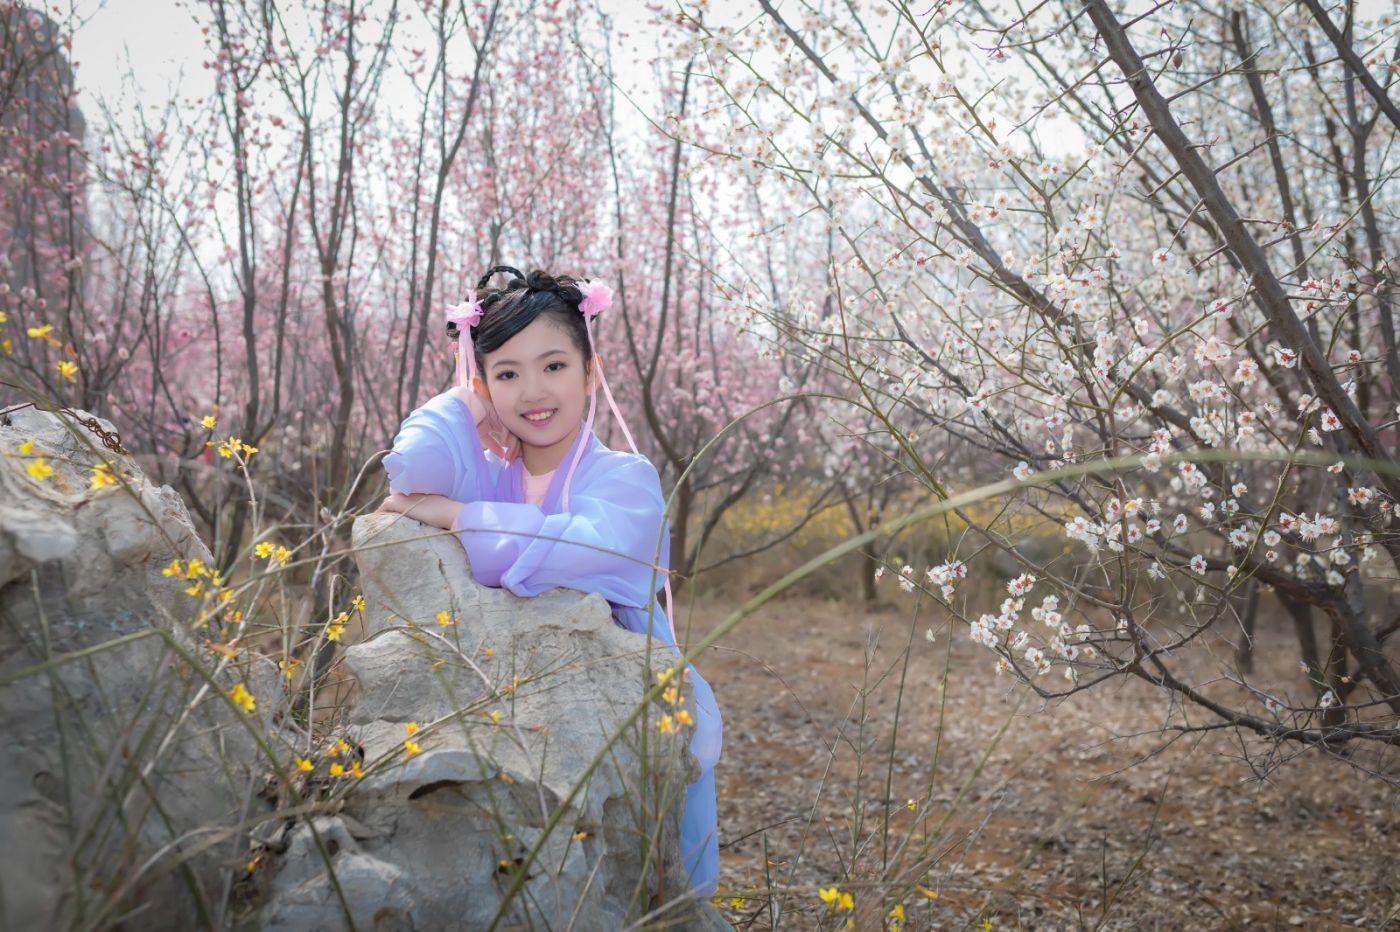 翟家小妮翟雅慧之春到梅园 花儿与少年系列 梅园尽显中国风_图1-11